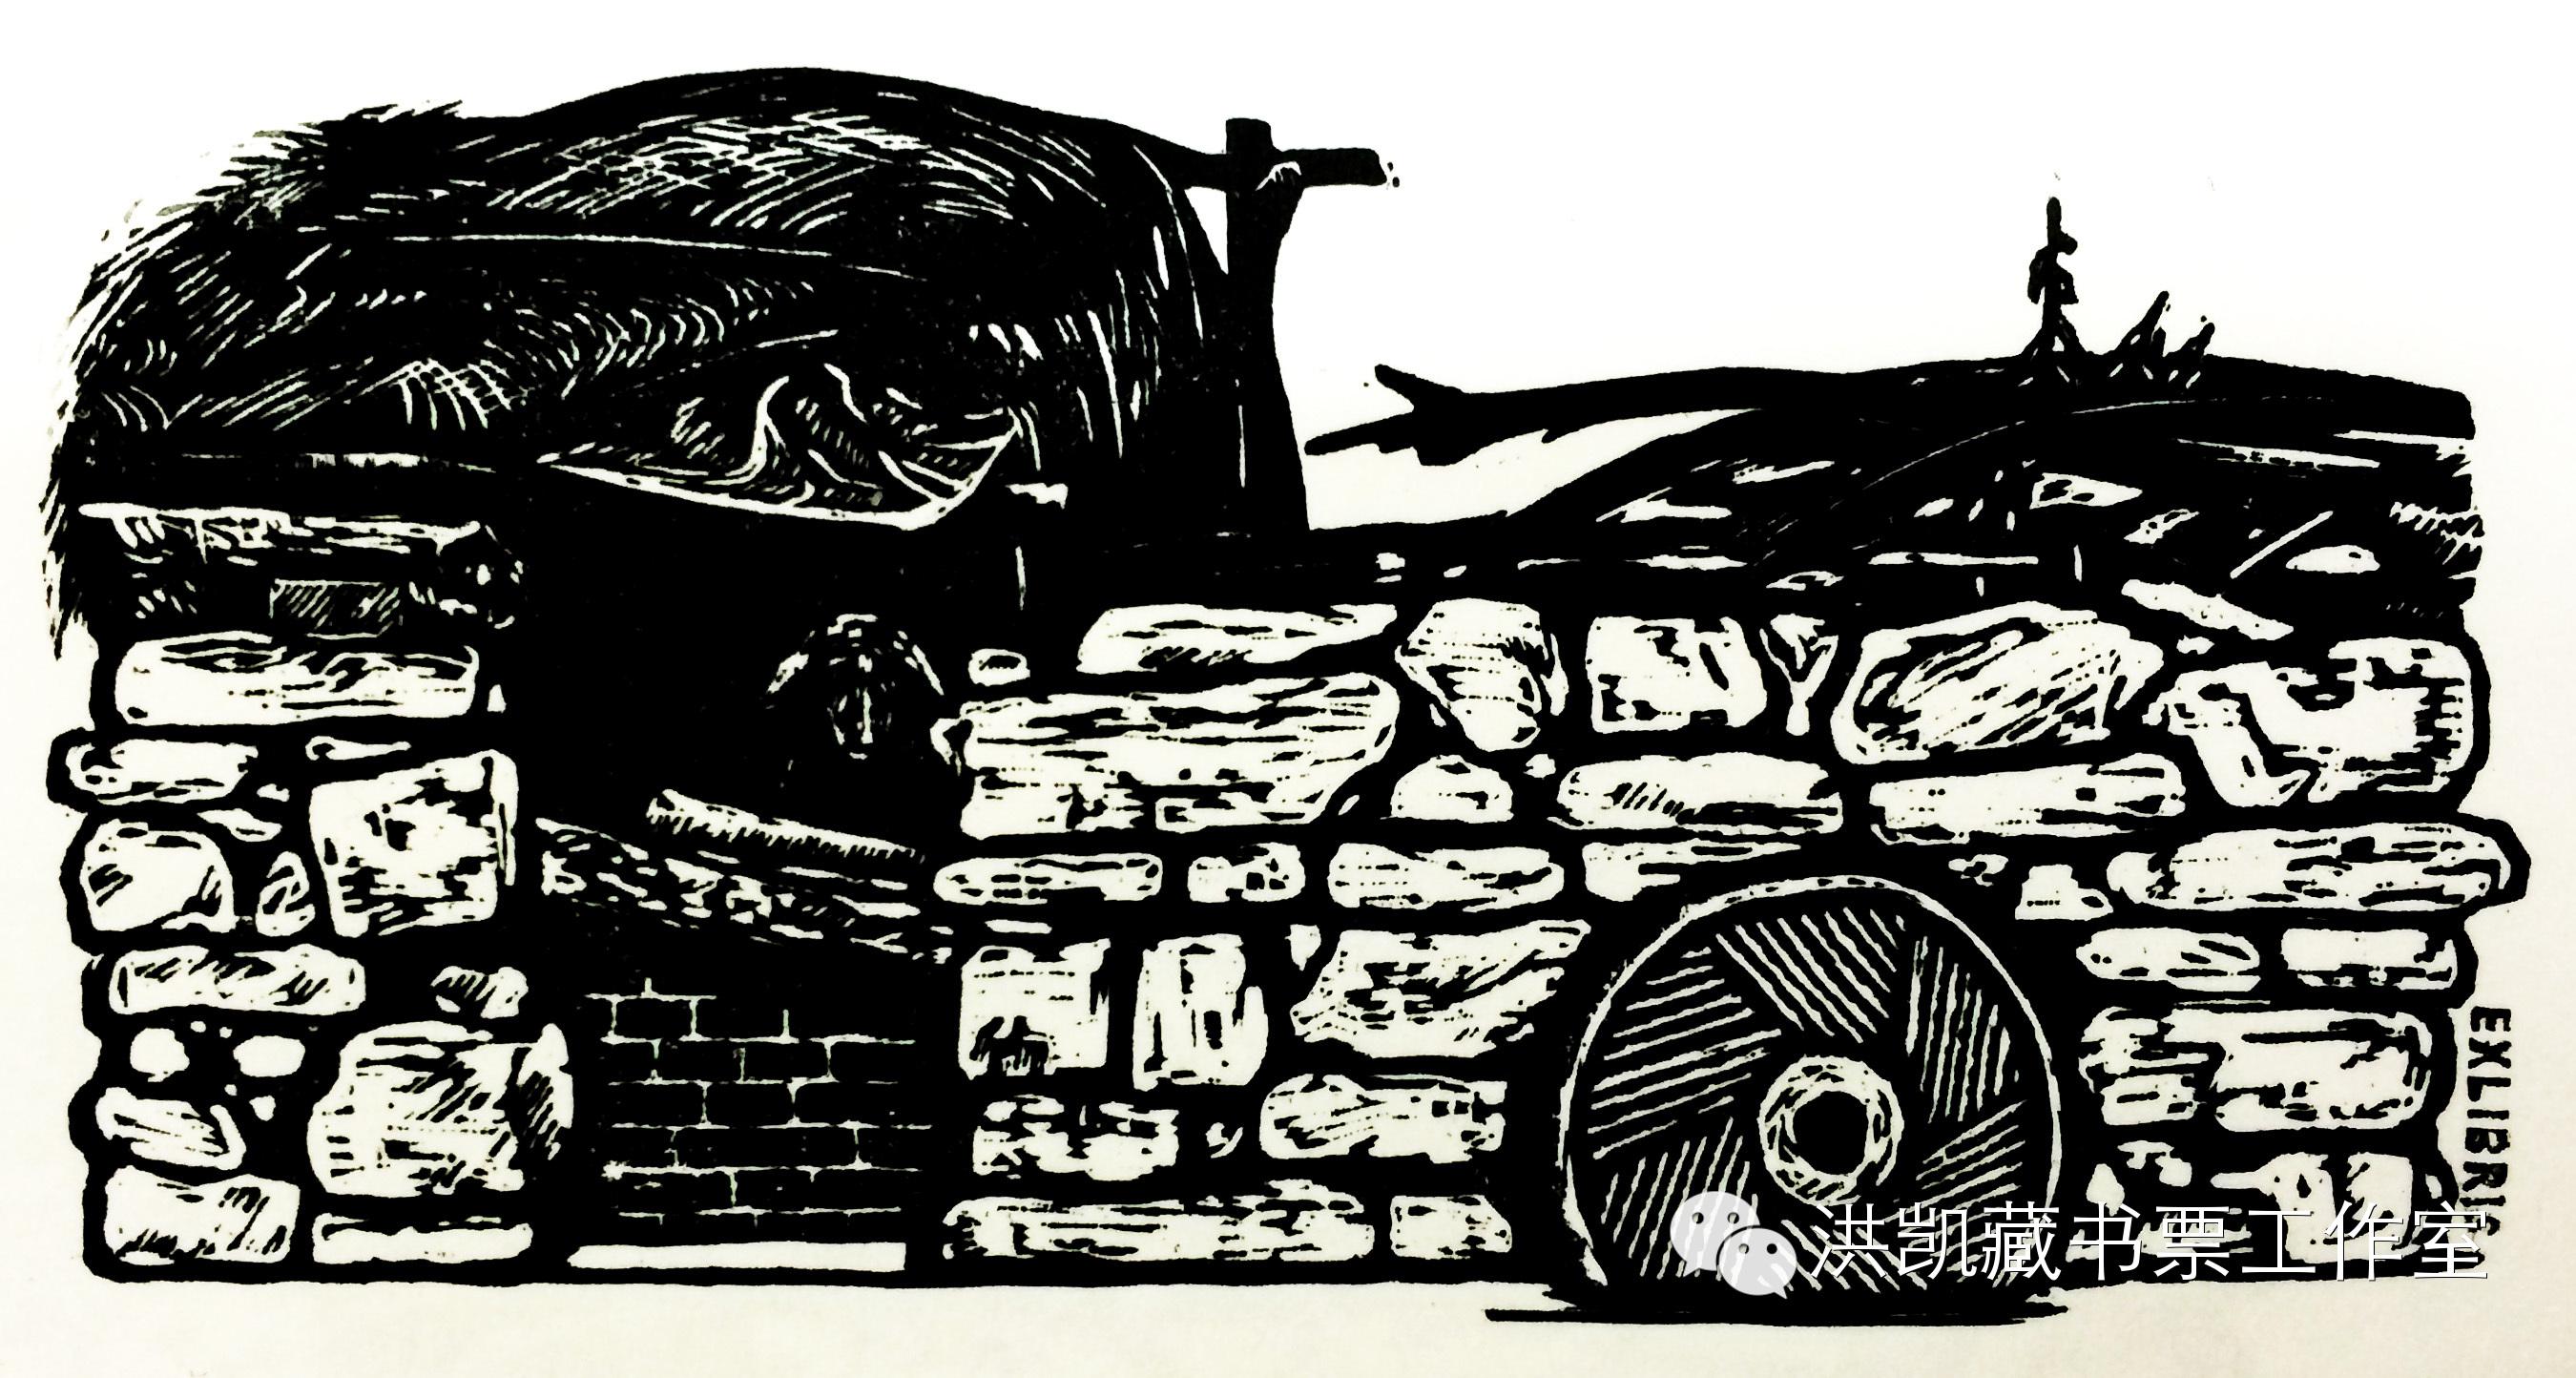 版画作品推荐002期-(内蒙古版画家)拉喜萨布哈﹒版画&藏书票作品欣赏 第17张